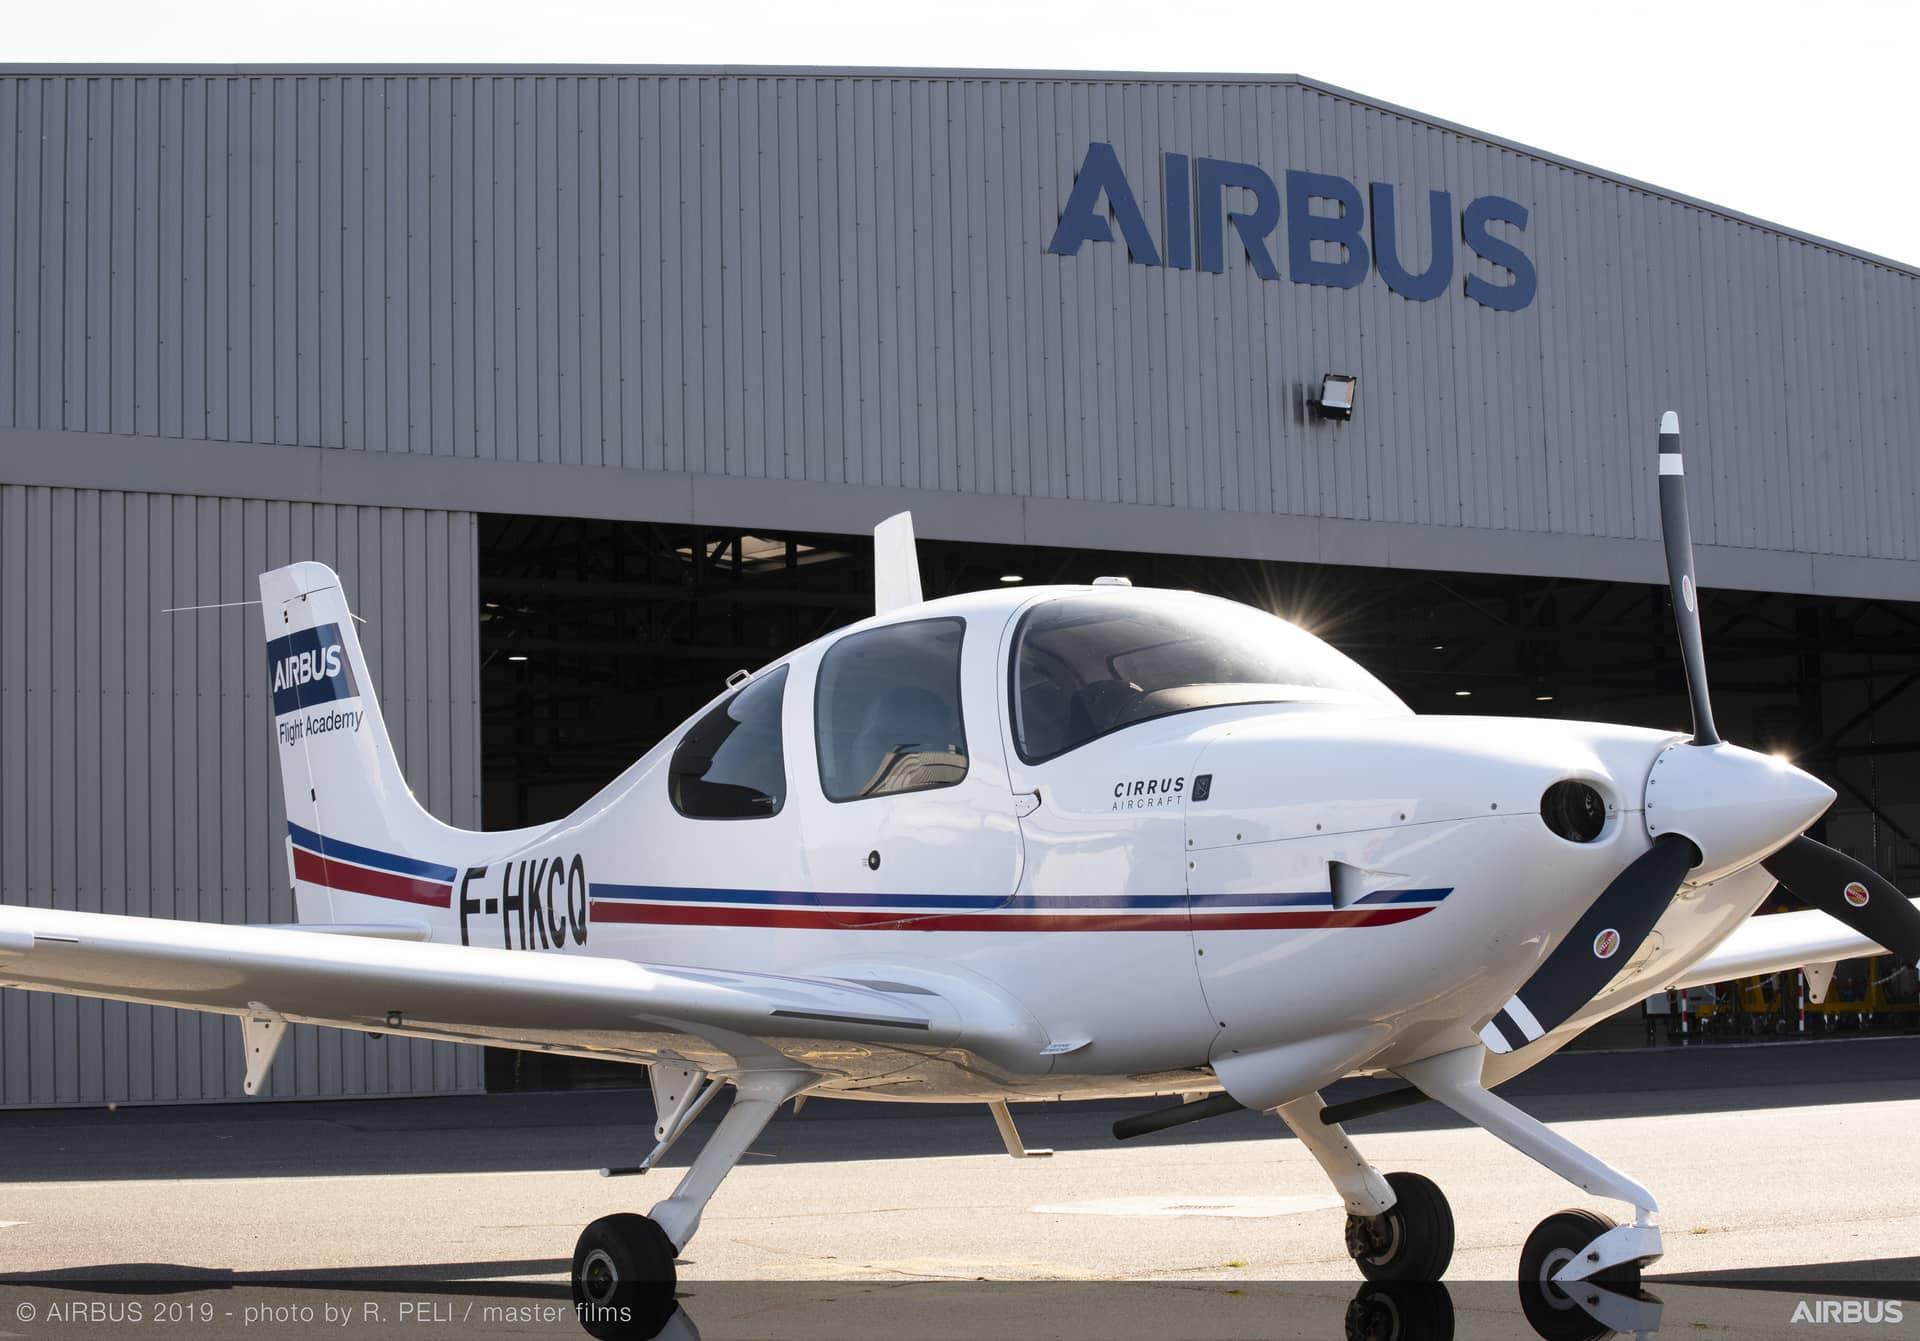 Avion de l(école de pilotage Airbus Flight Academy